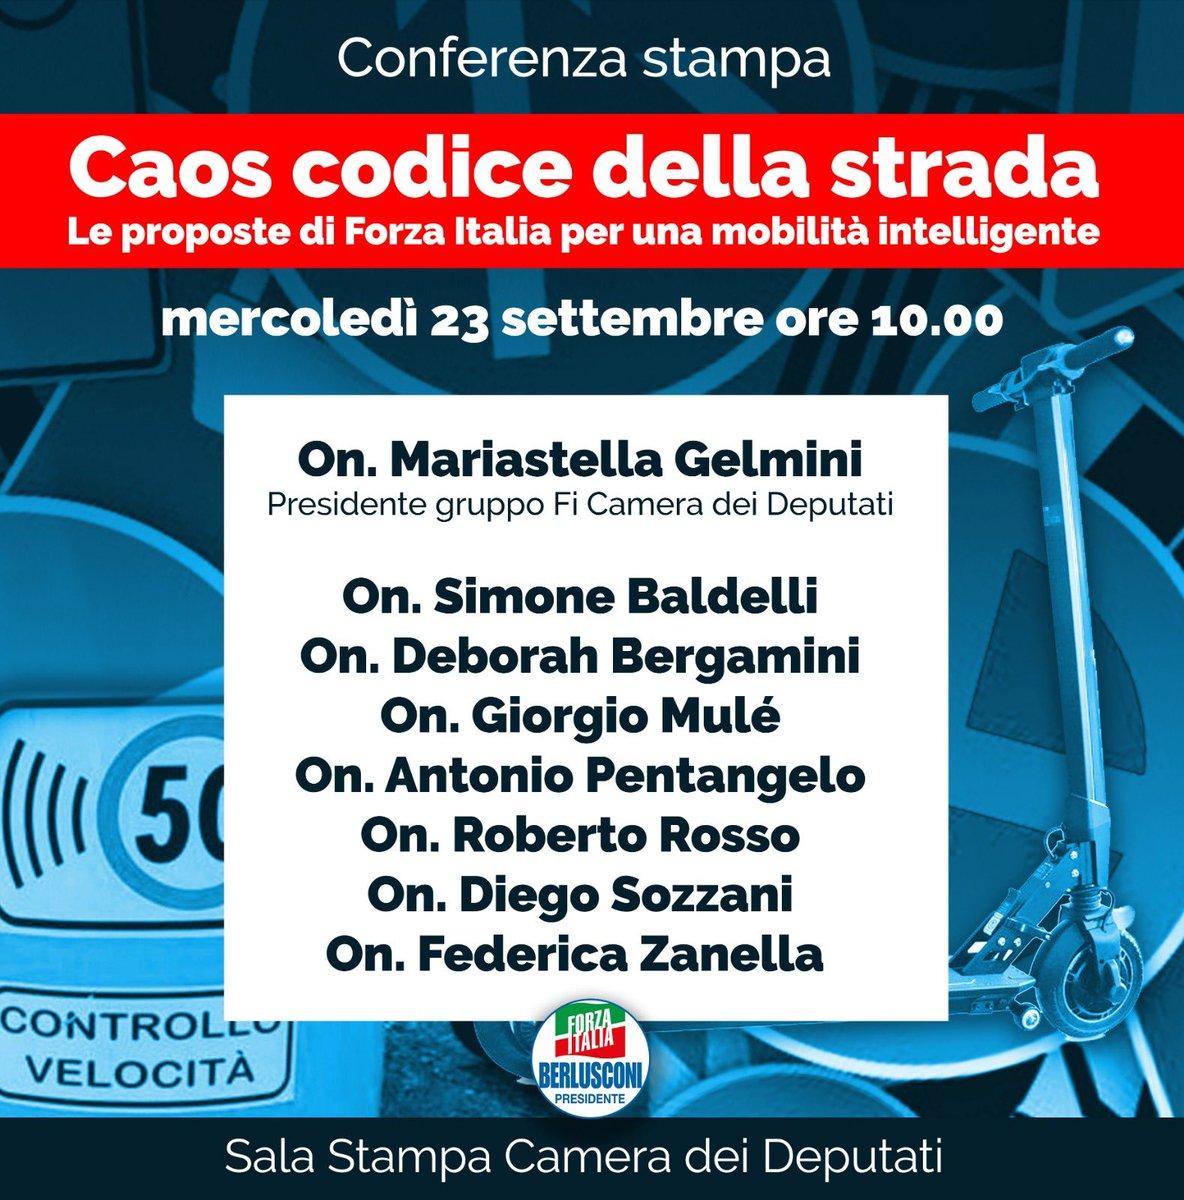 Caos Codice della strada. Le proposte di Forza Italia per una mobilità intelligente